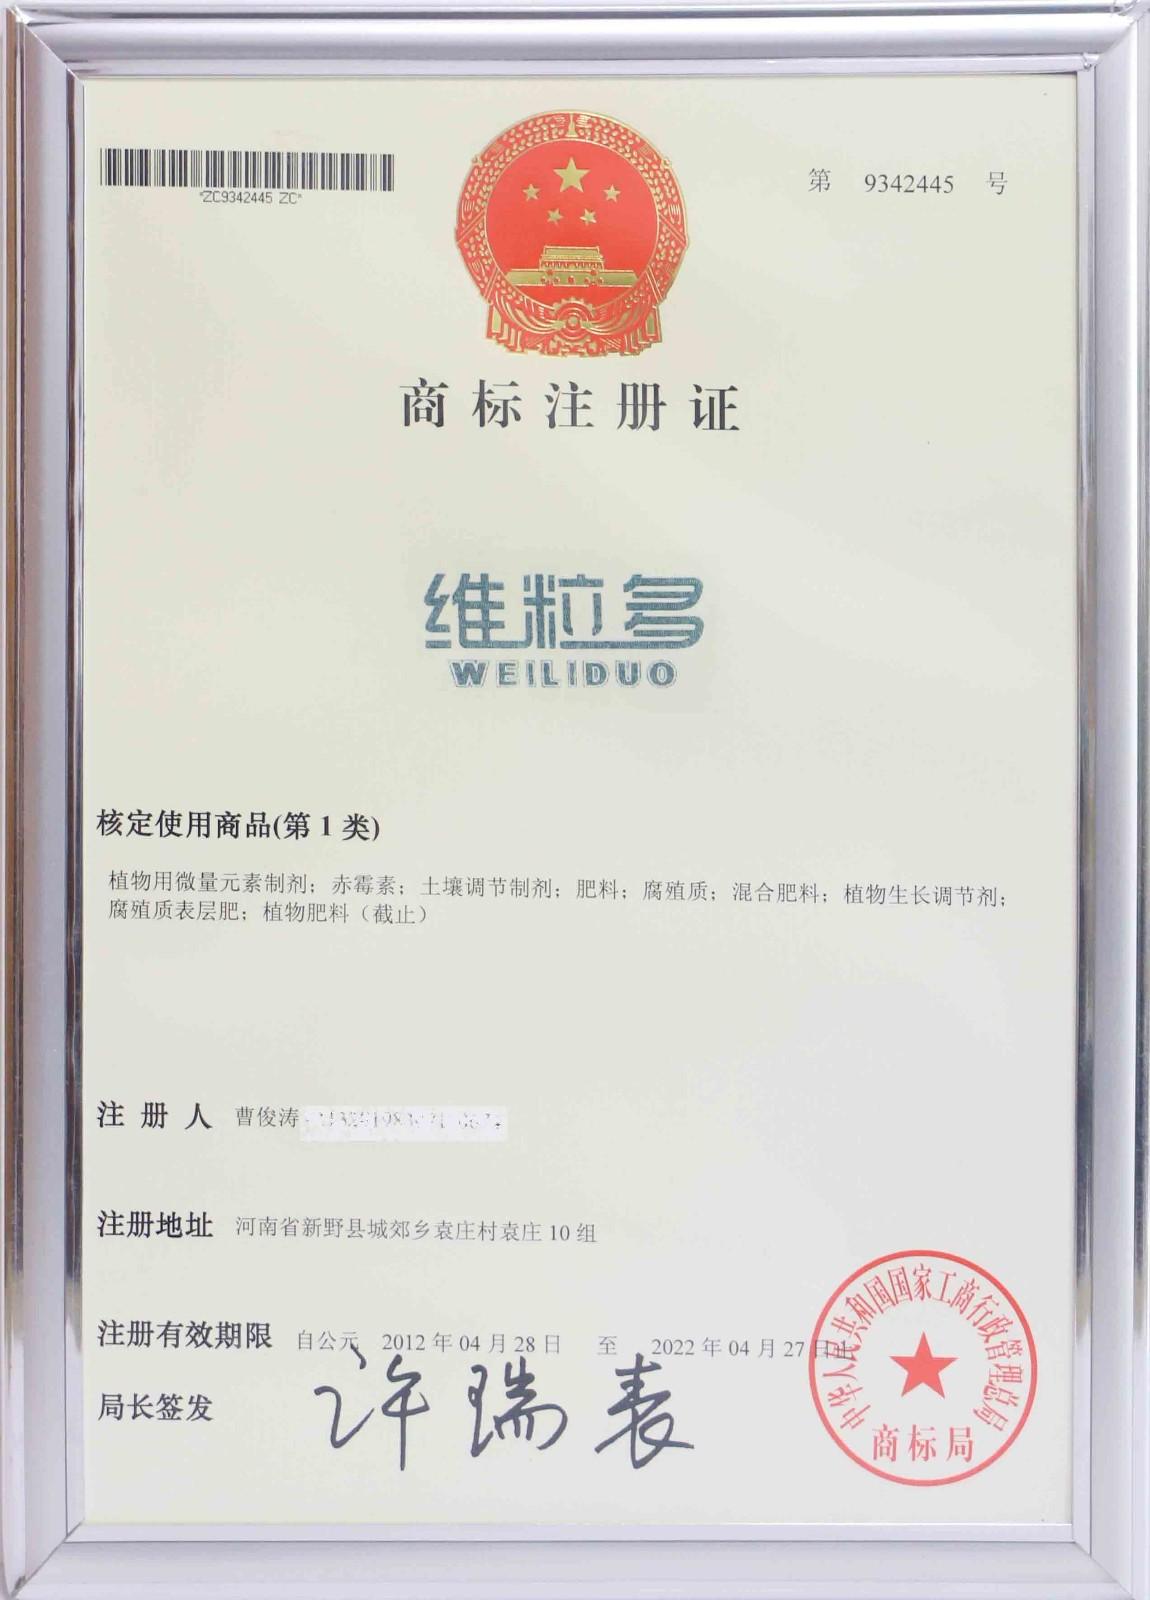 维粒多商标注册证